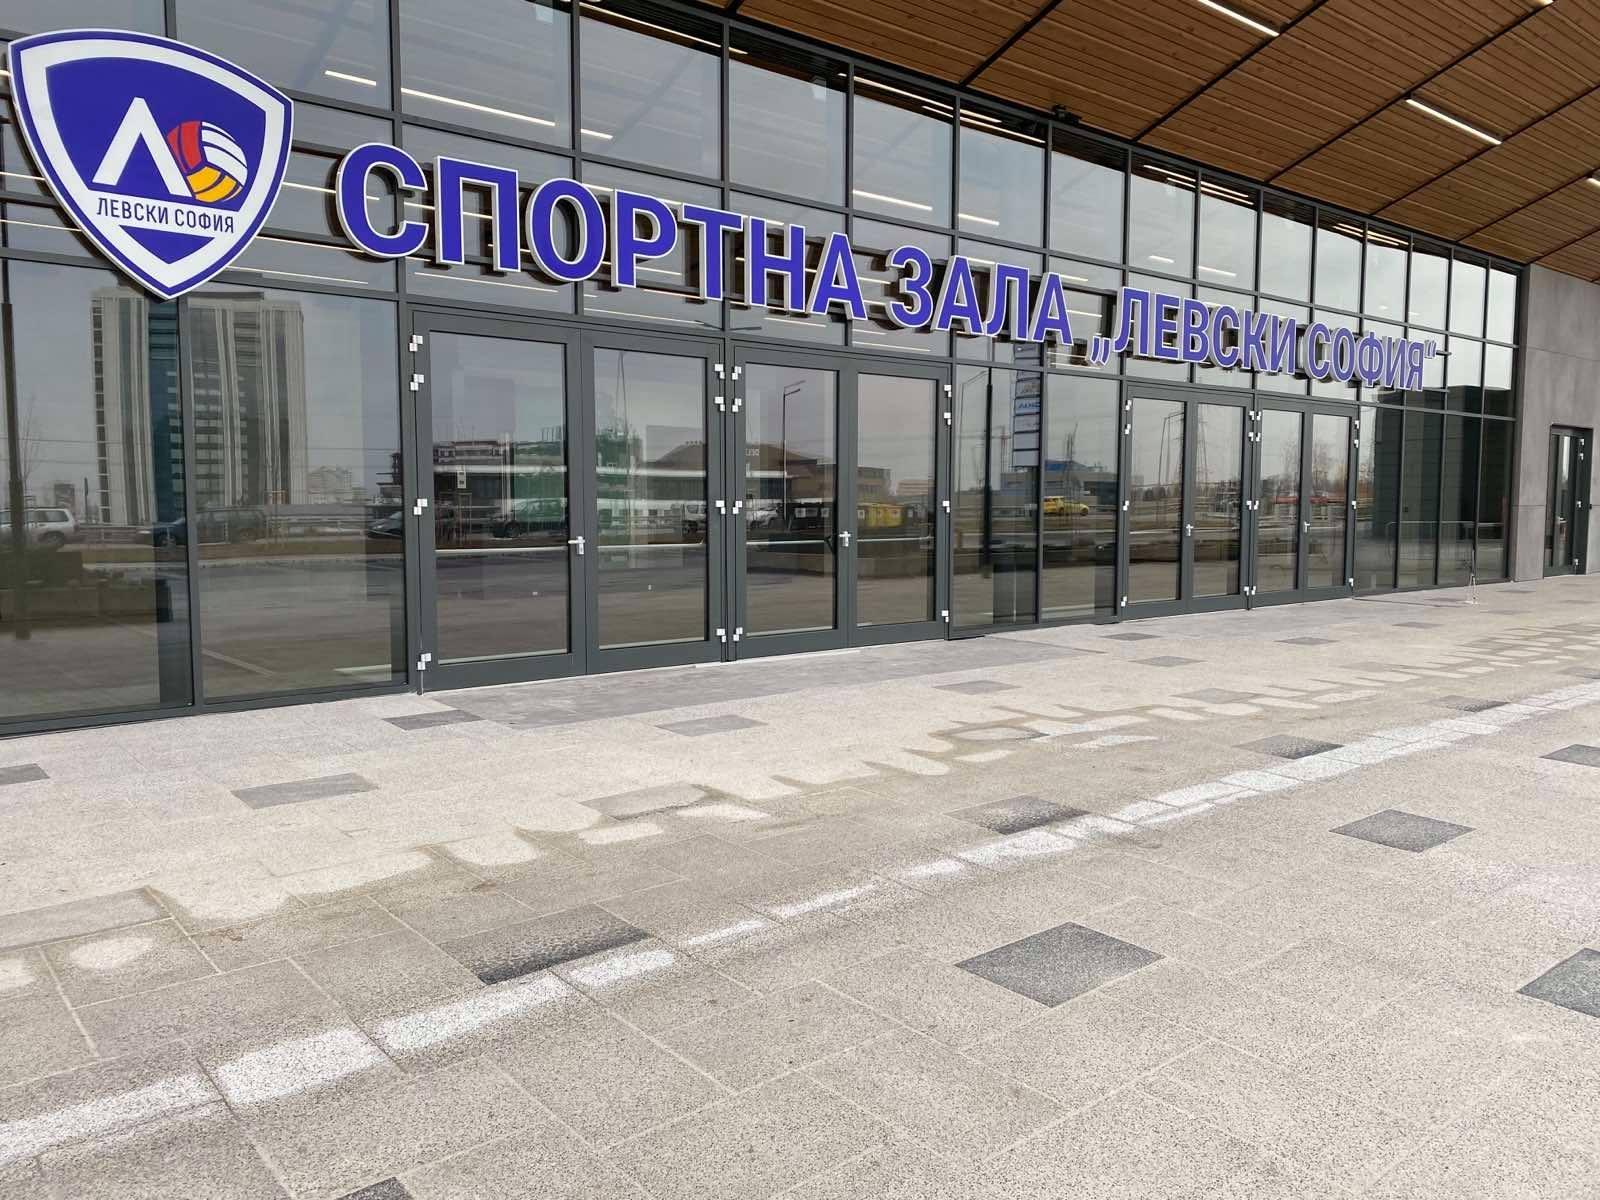 Новата спортна зала